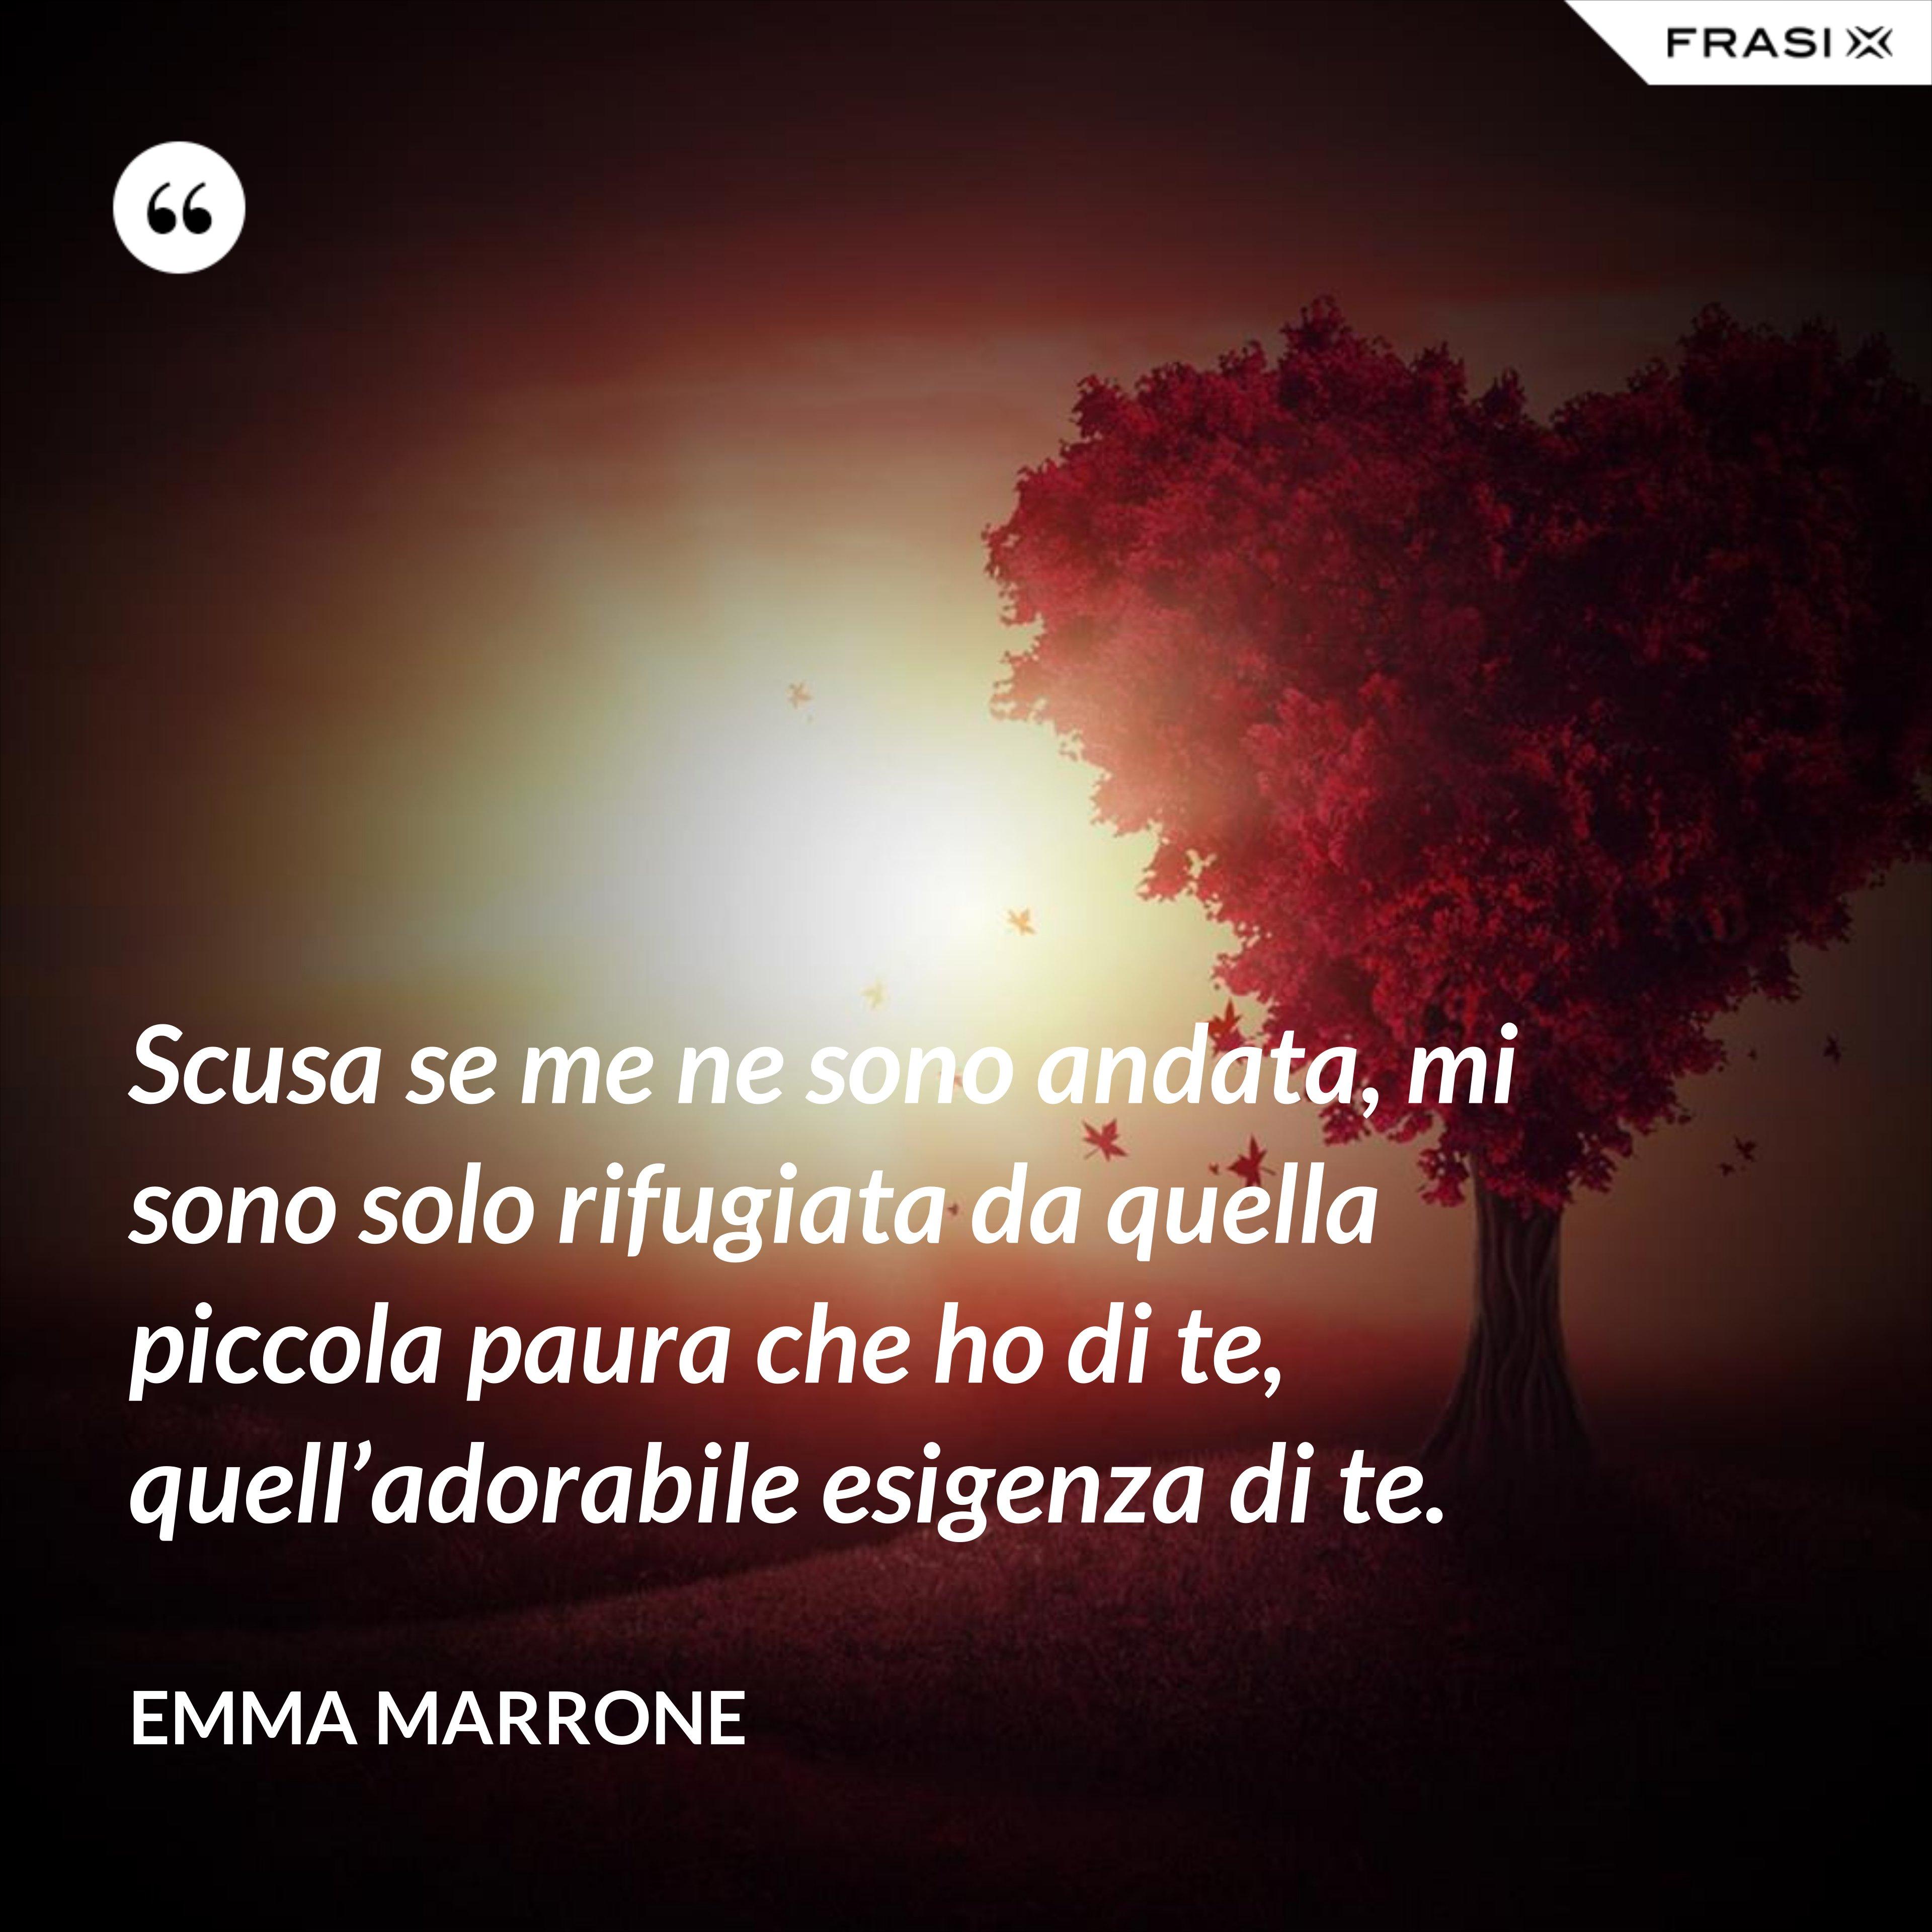 Scusa se me ne sono andata, mi sono solo rifugiata da quella piccola paura che ho di te, quell'adorabile esigenza di te. - Emma Marrone